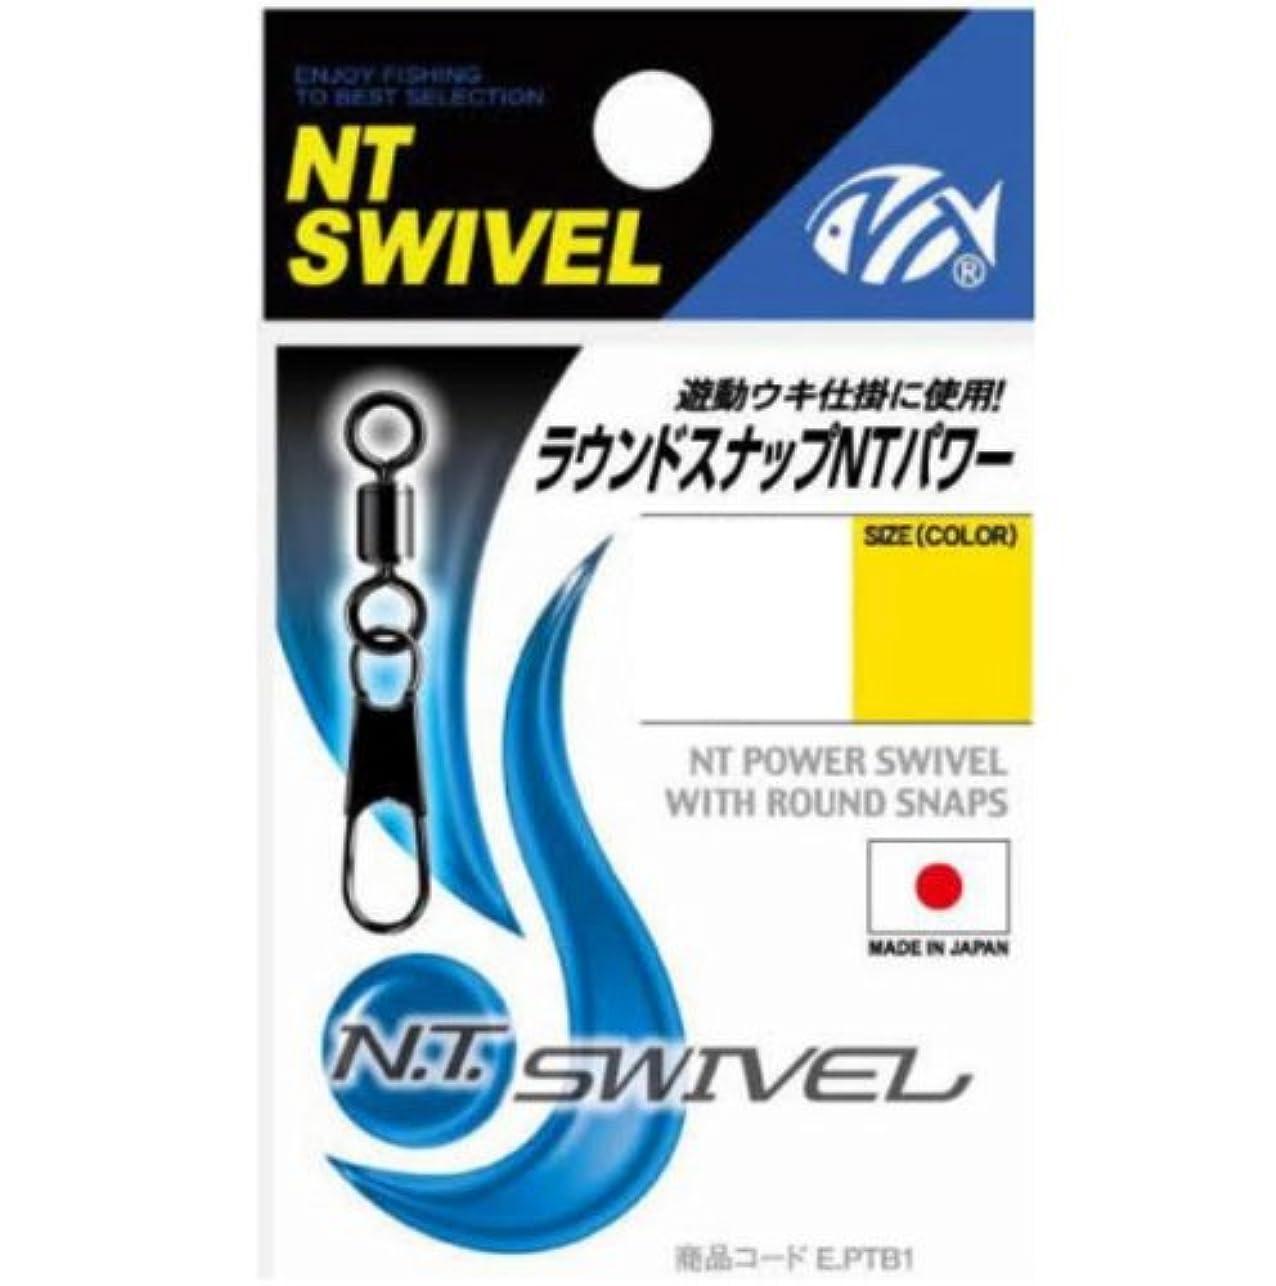 ガウンハンディなんでもNTスイベル(N.T.SWIVEL) ラウンドスナップNTパワー クロ #2